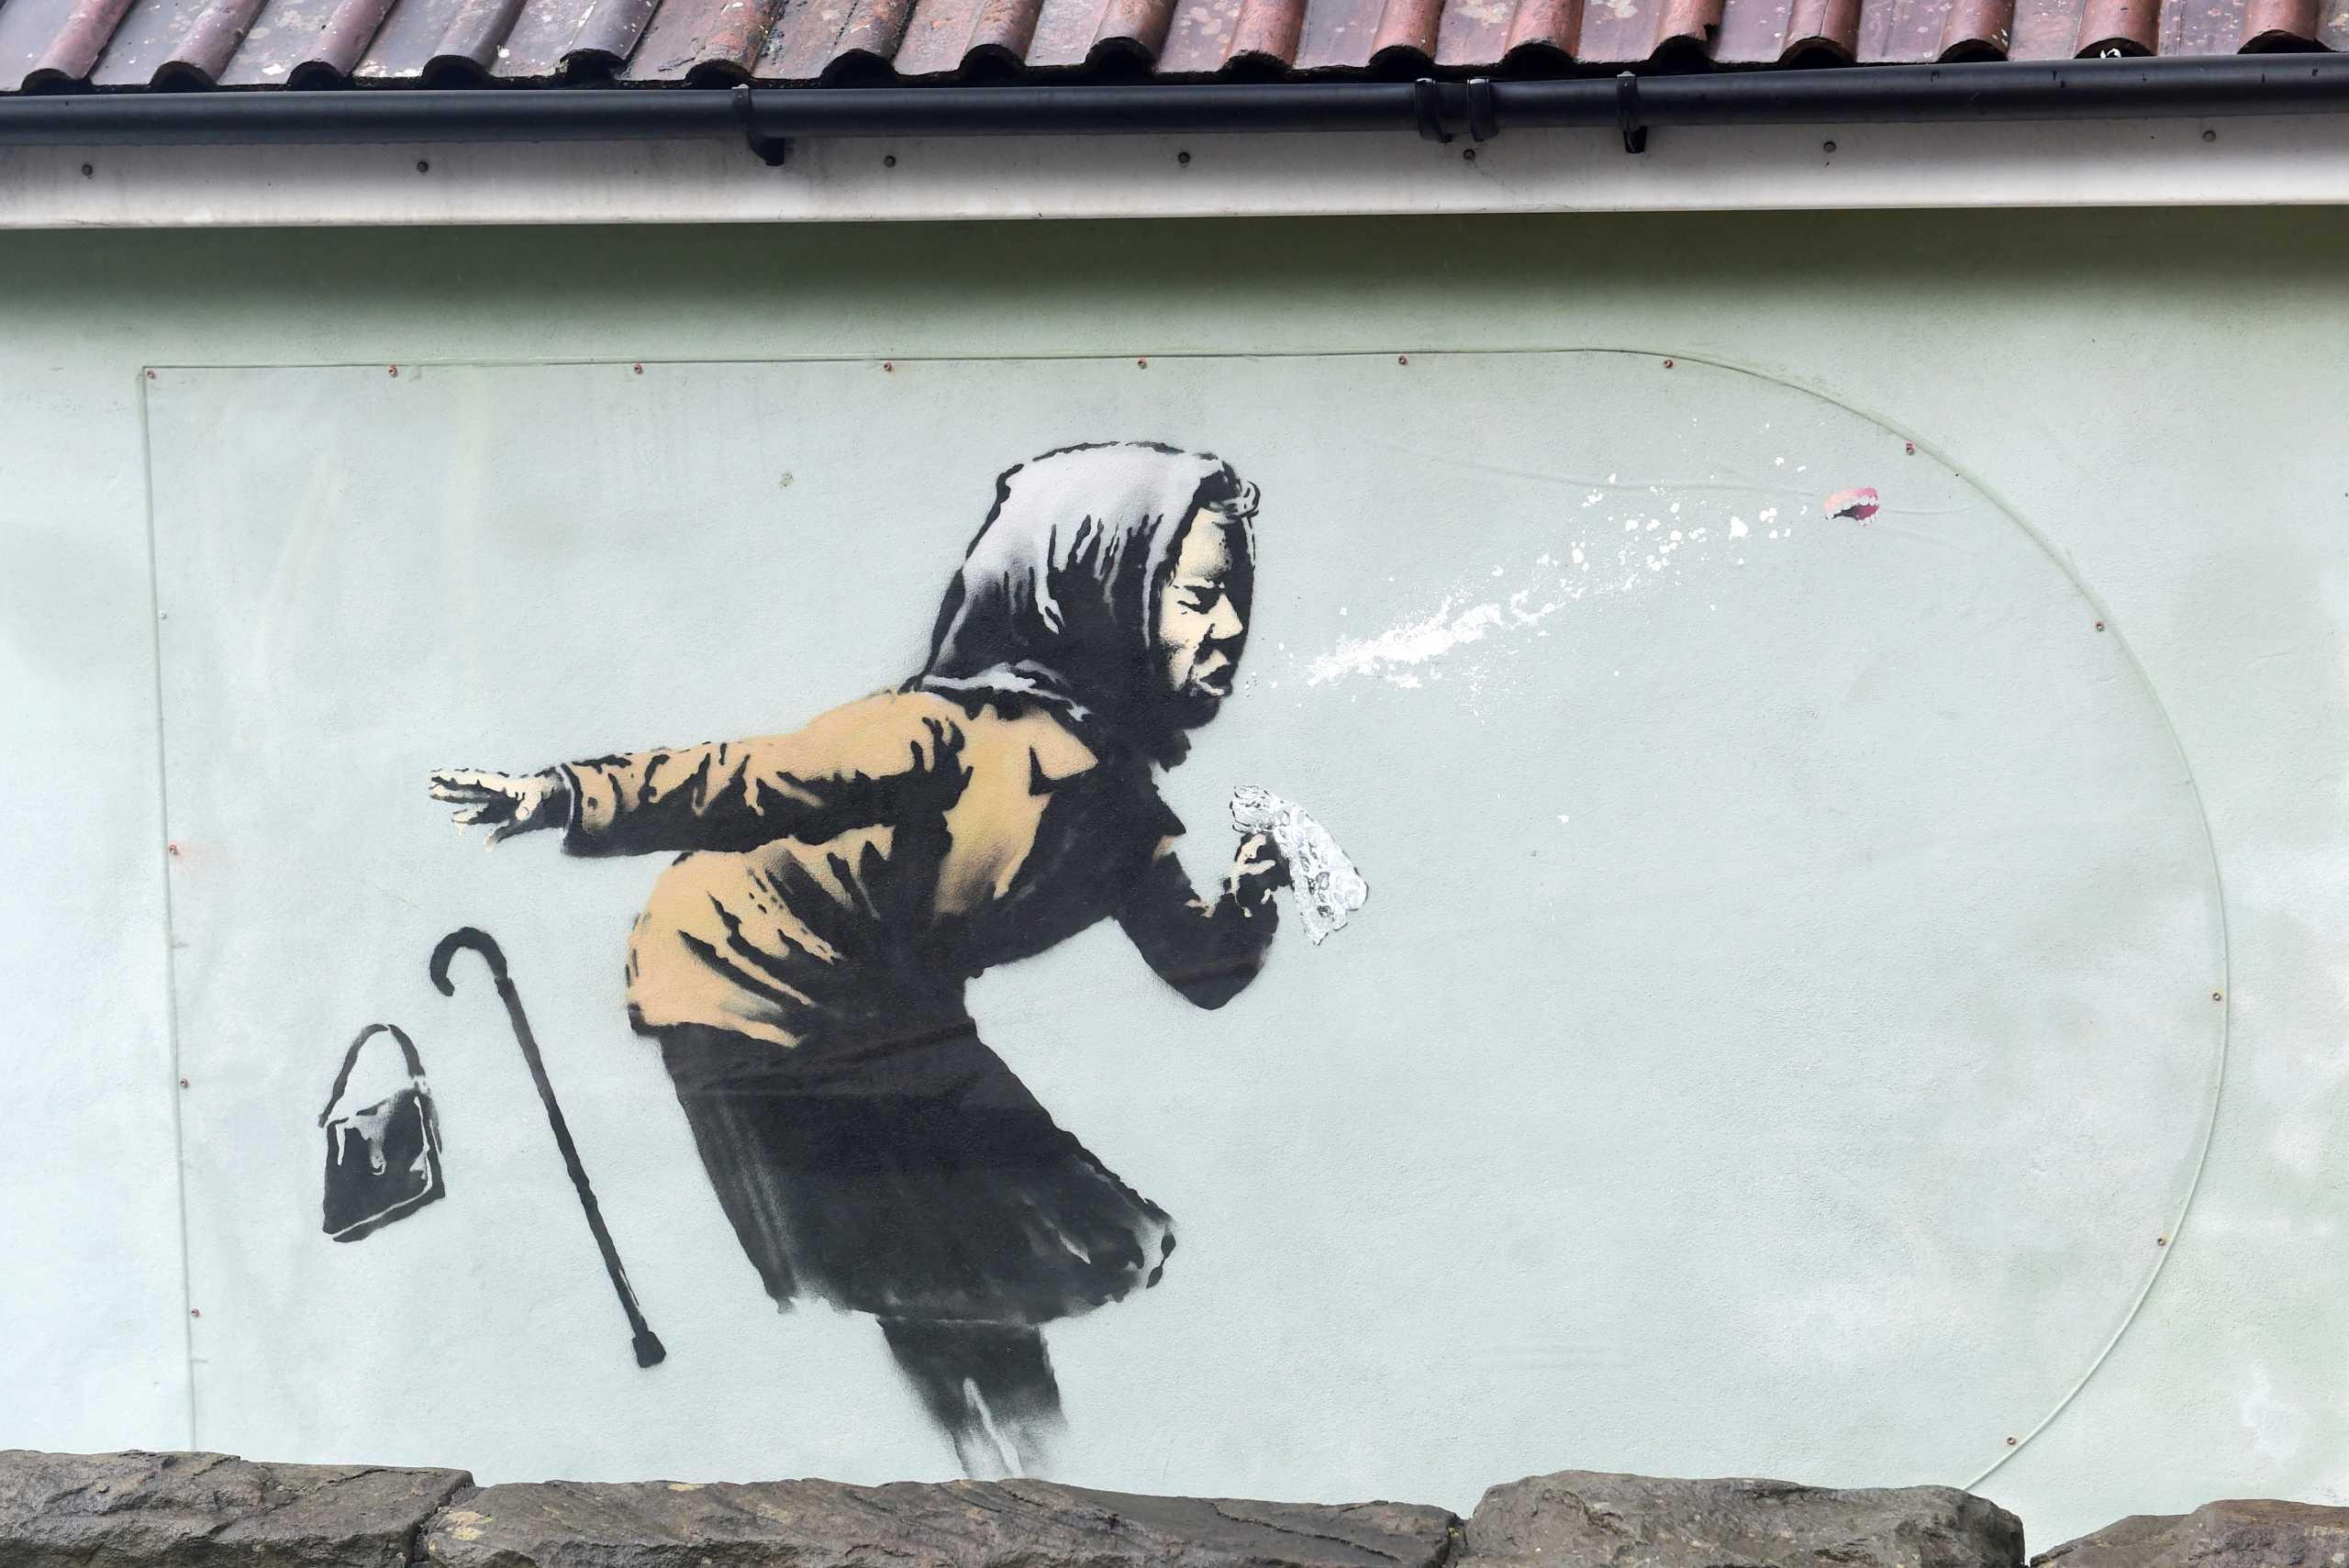 Γιατί καθυστέρησε η πώληση του σπιτιού με το τελευταίο έργο του Banksy